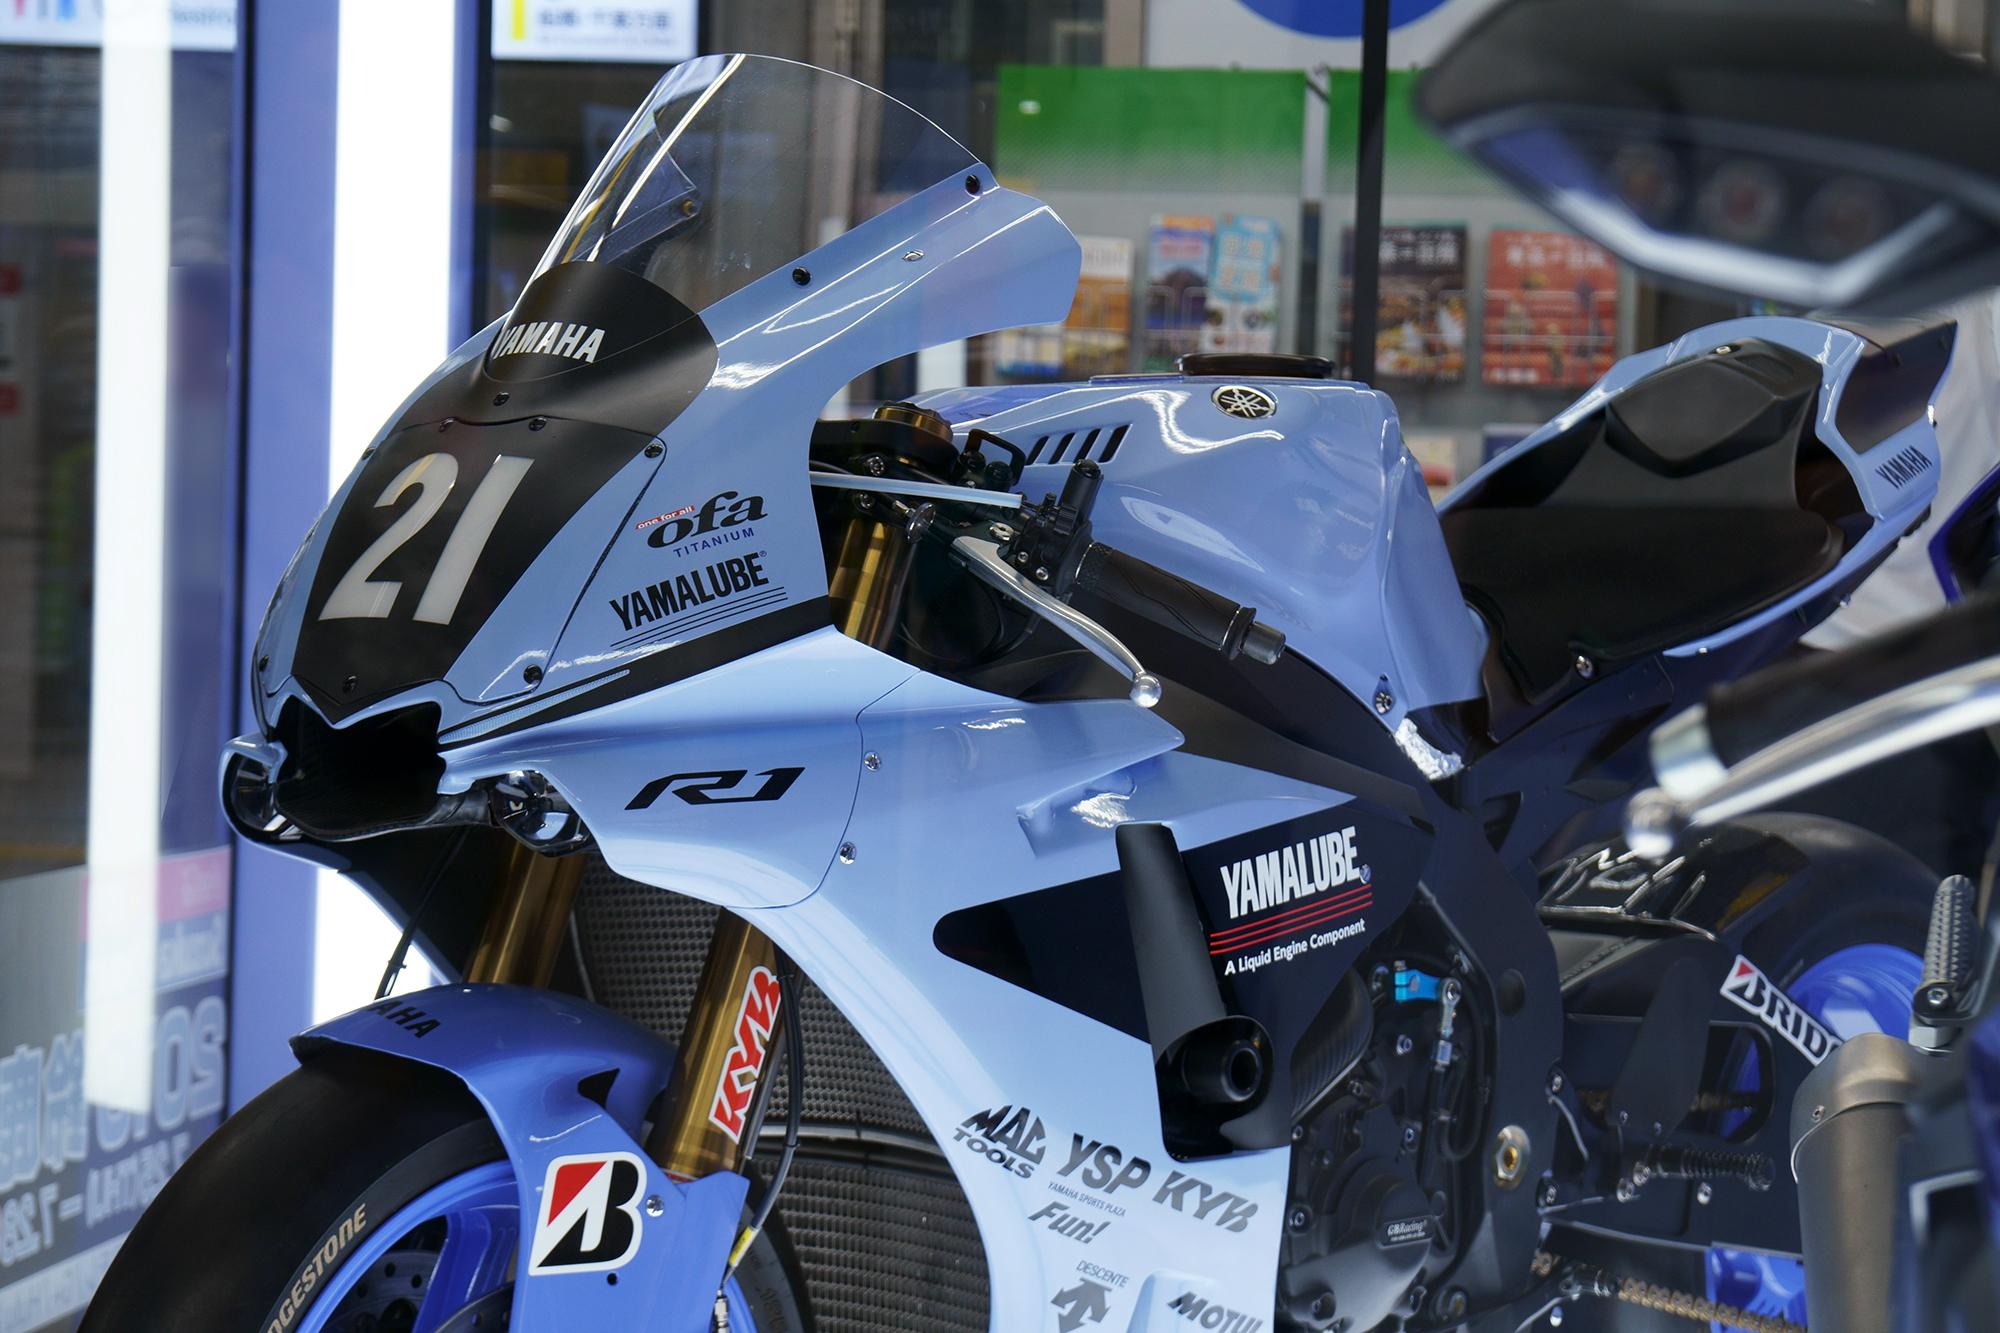 Yzf R1 個人的バイクまとめブログ